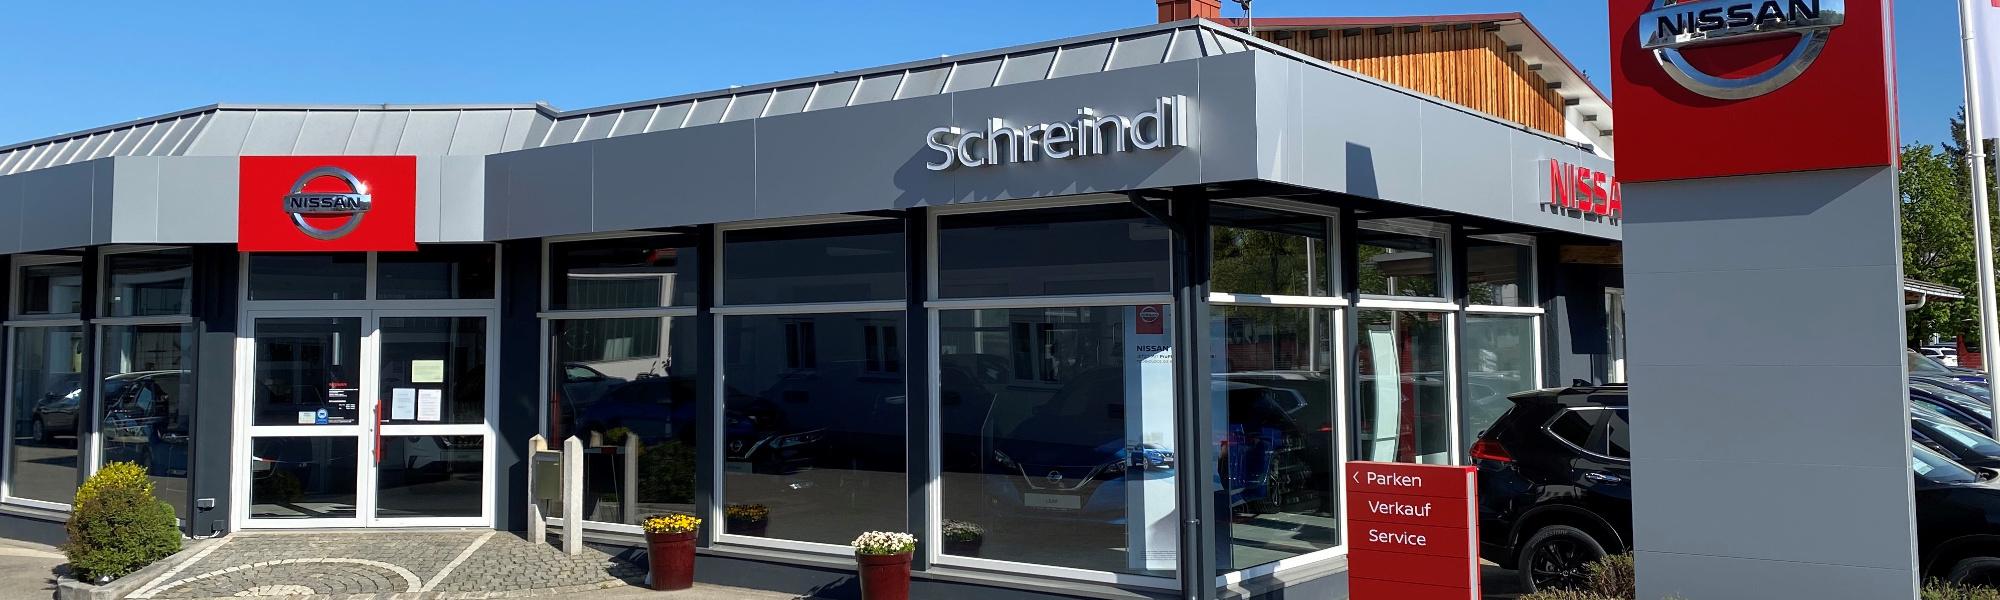 Schreindl Autohaus 2020